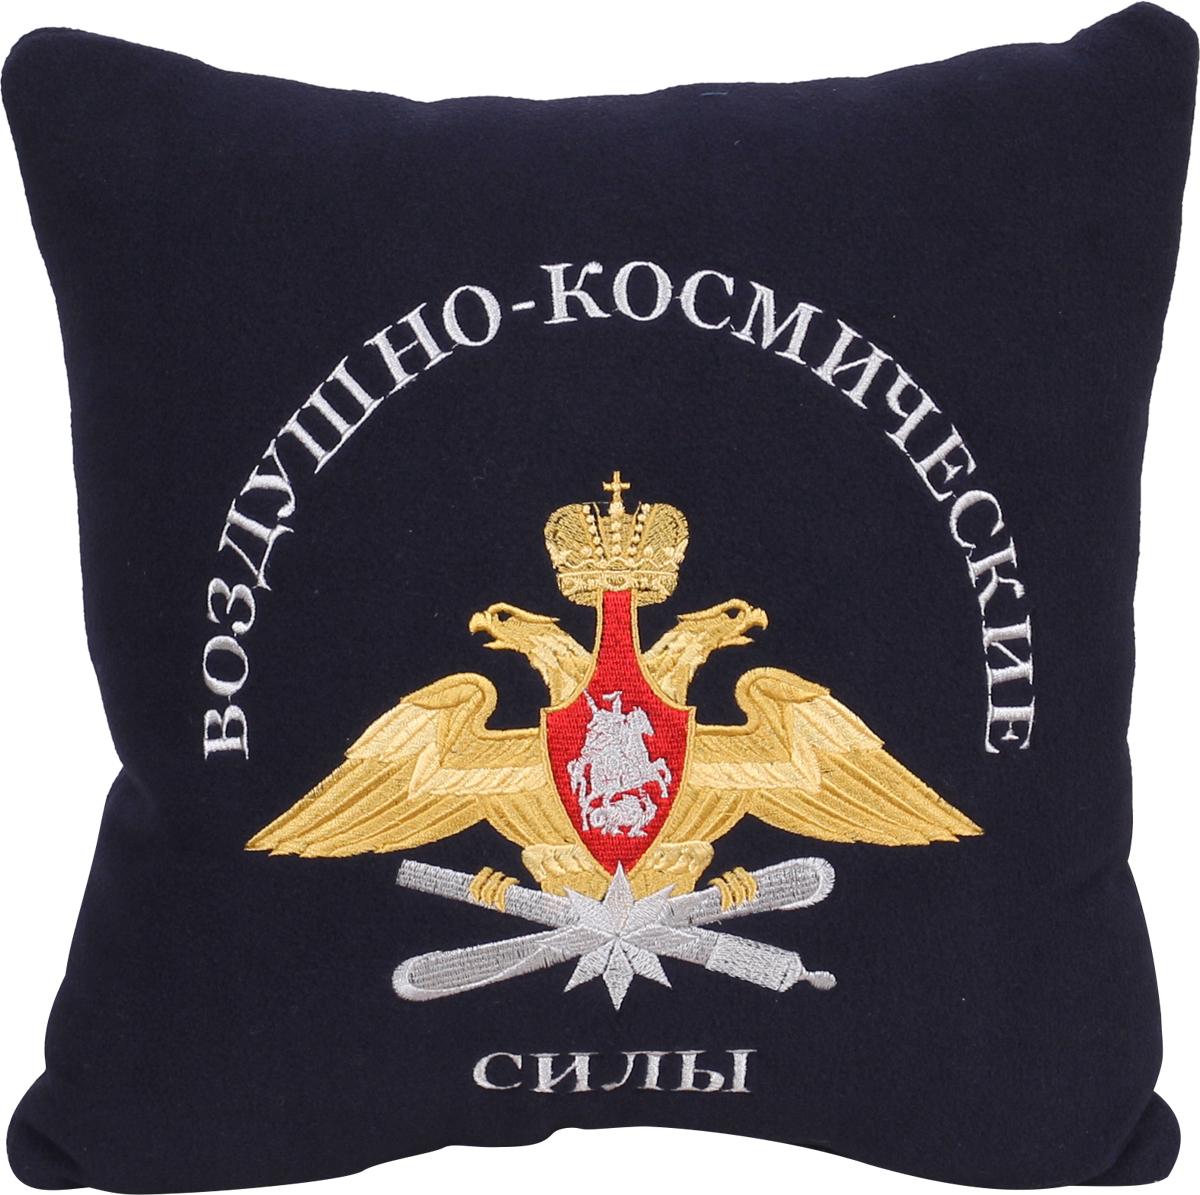 """Подушка для туризма Сплав """"Воздушно-космические силы"""", цвет: черный. 6076833"""